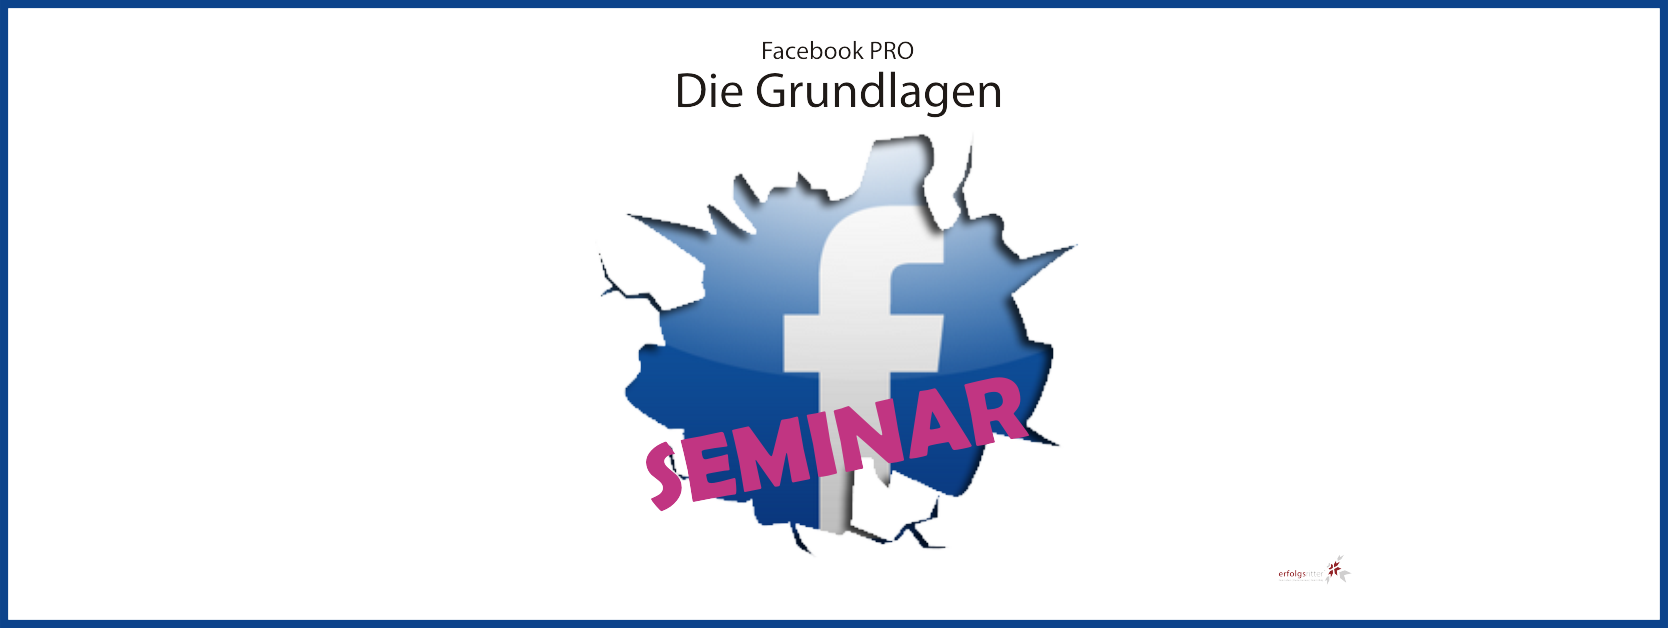 Facebook PRO I   Wie du als Unternehmer Socia